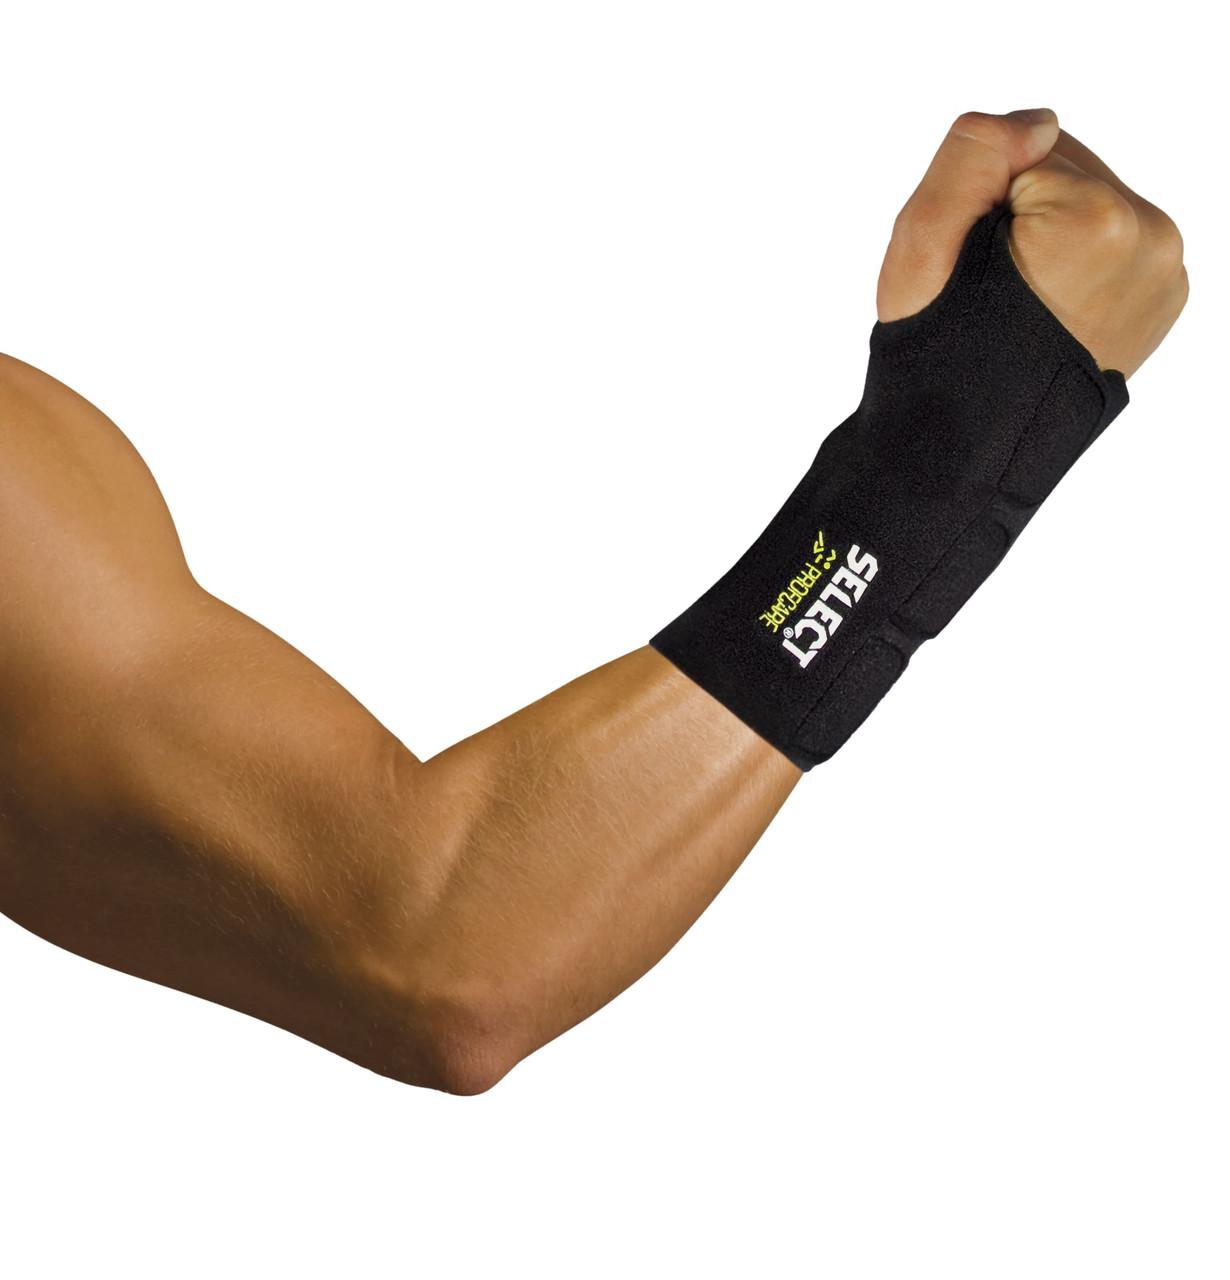 Напульсник SELECT Wrist support 6701 - S4S-Интернет магазин спортивных товаров и инвентаря,купить спортивный инвентарь от производителя в Харькове